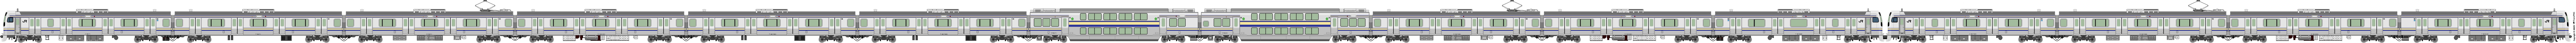 [5014] 東日本旅客鐵道 5014